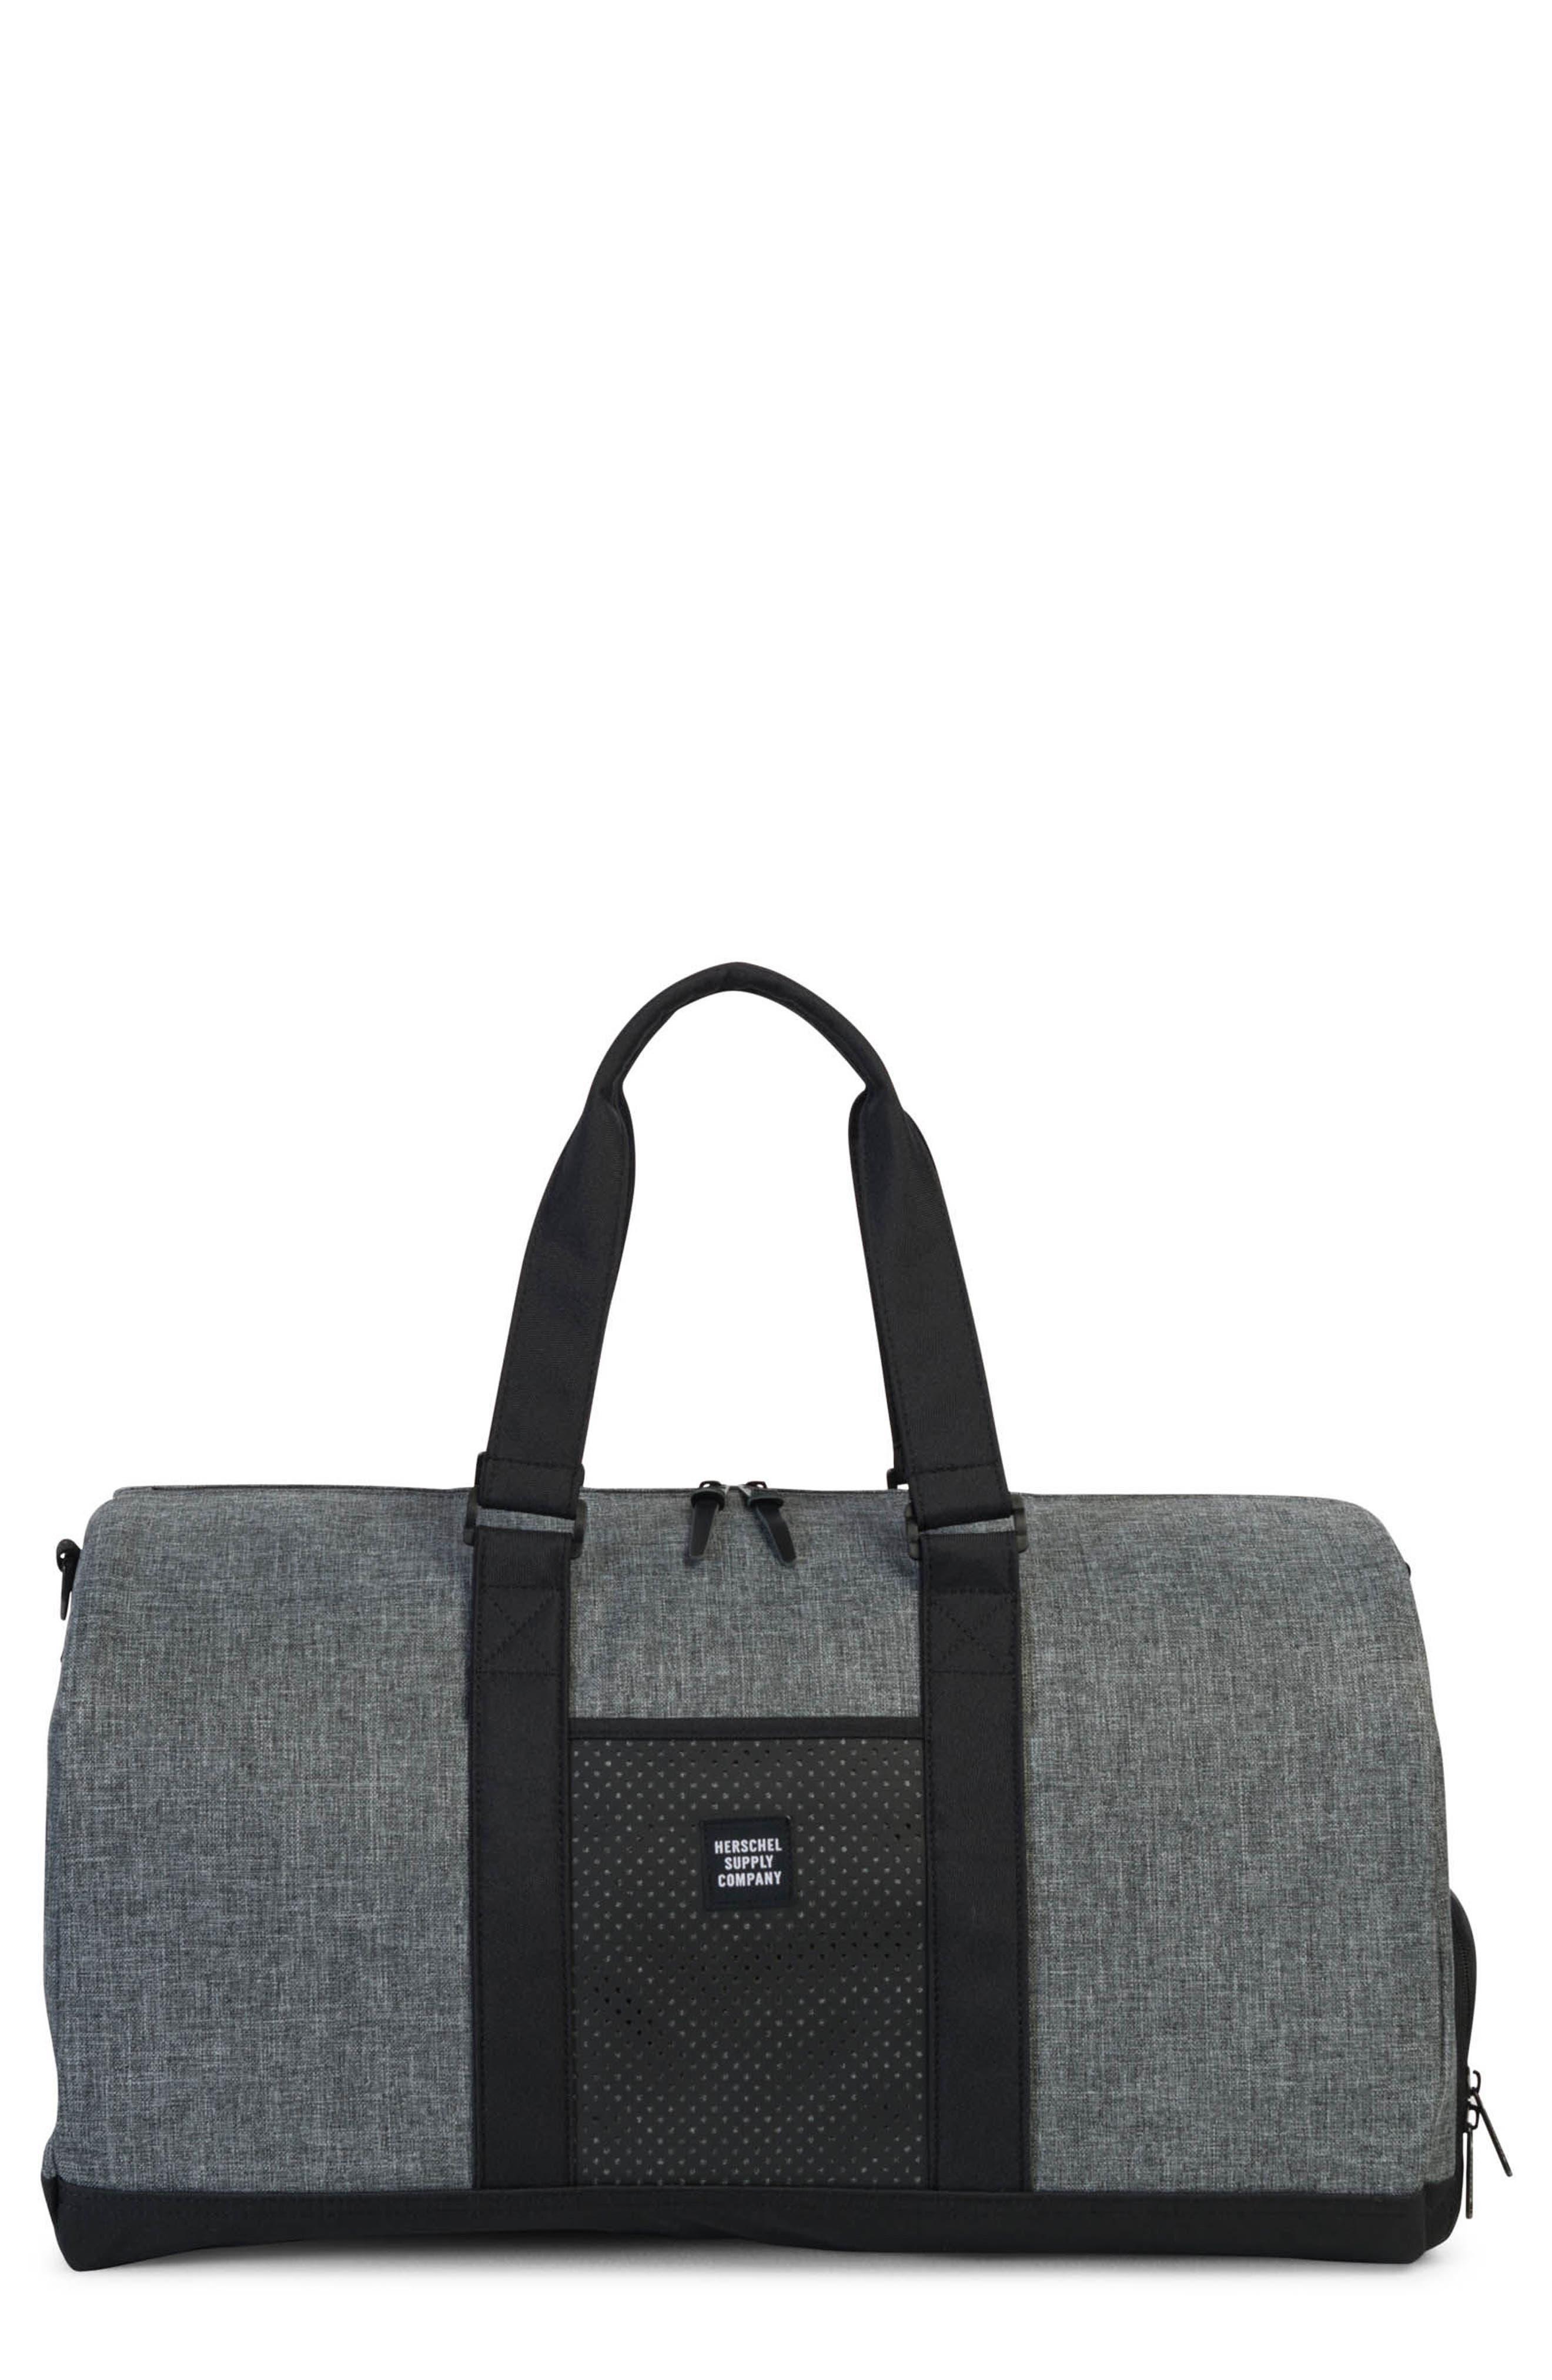 Herschel Supply Co. Novel Aspect Duffel Bag